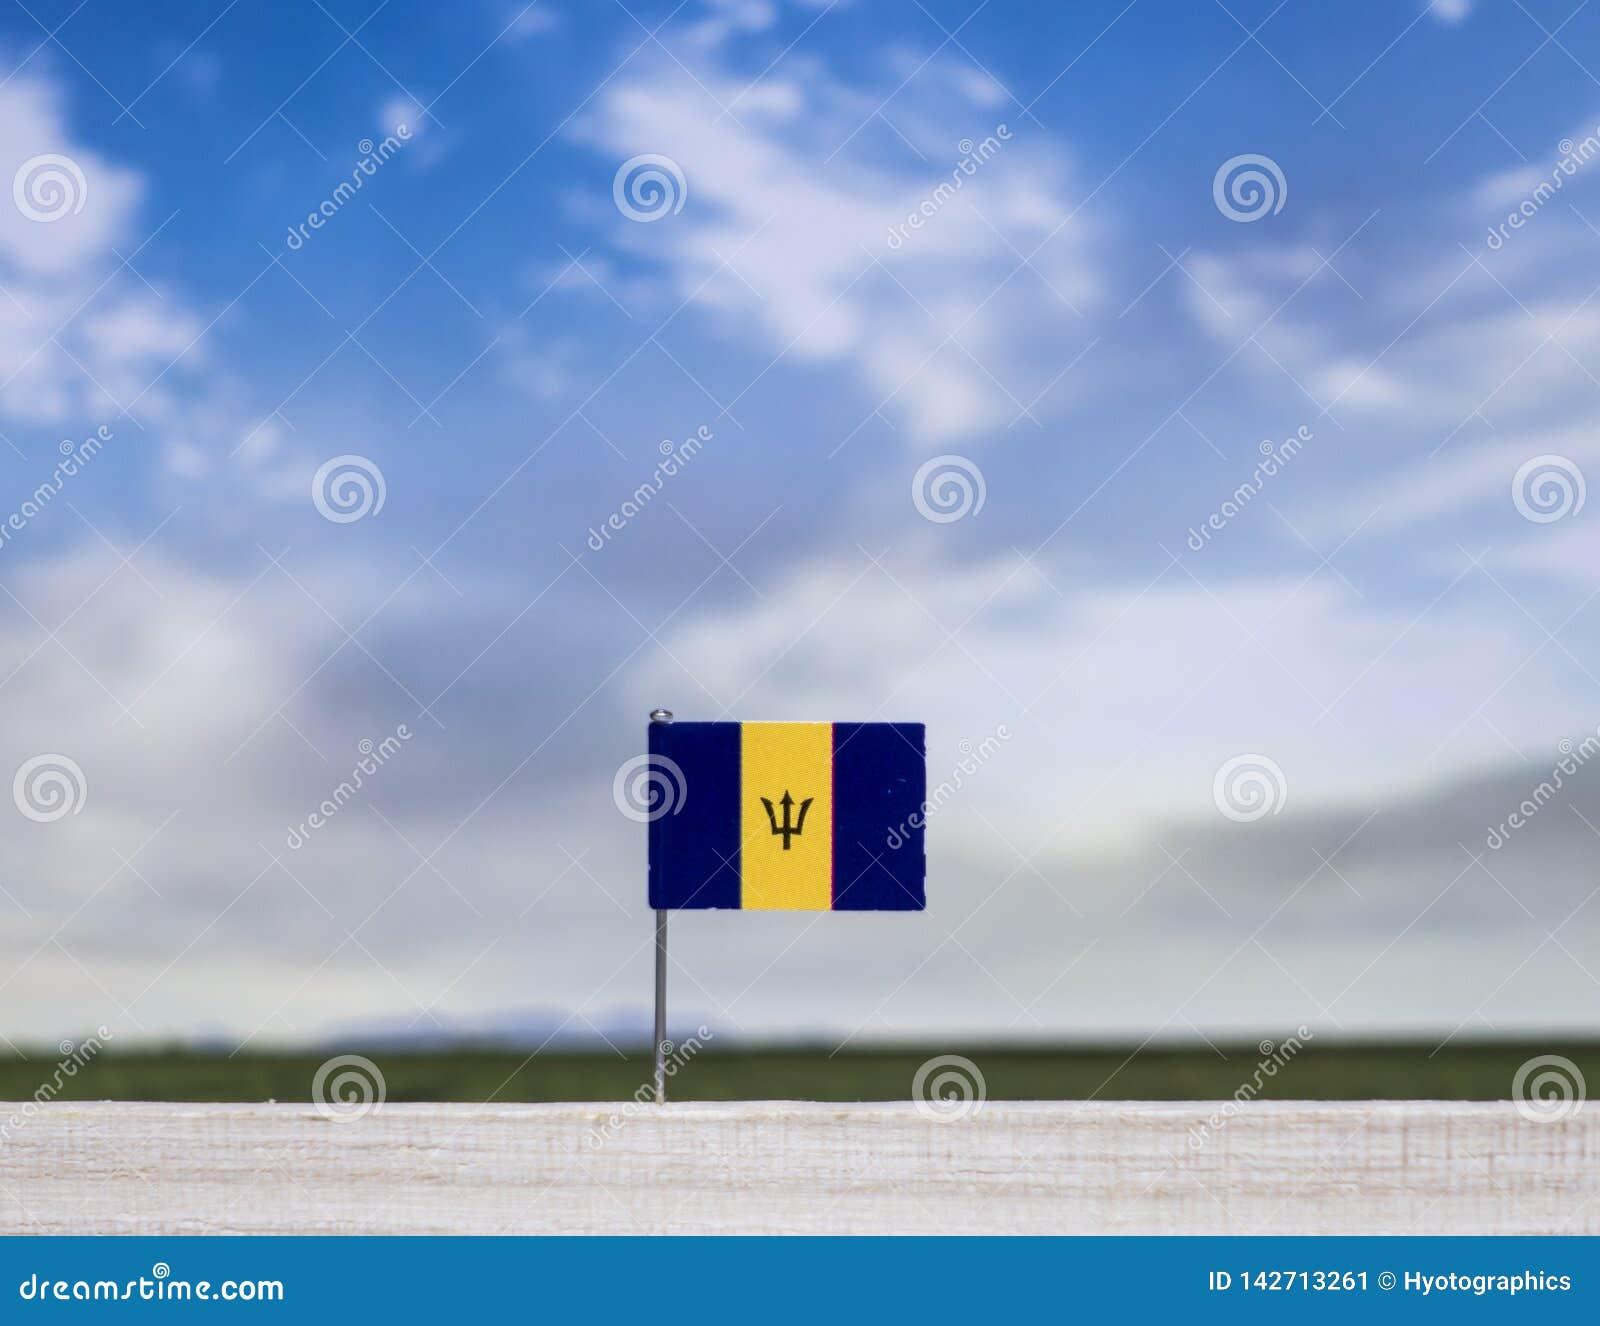 Flaga Barbados z szeroką łąką i niebieskim niebem za nim